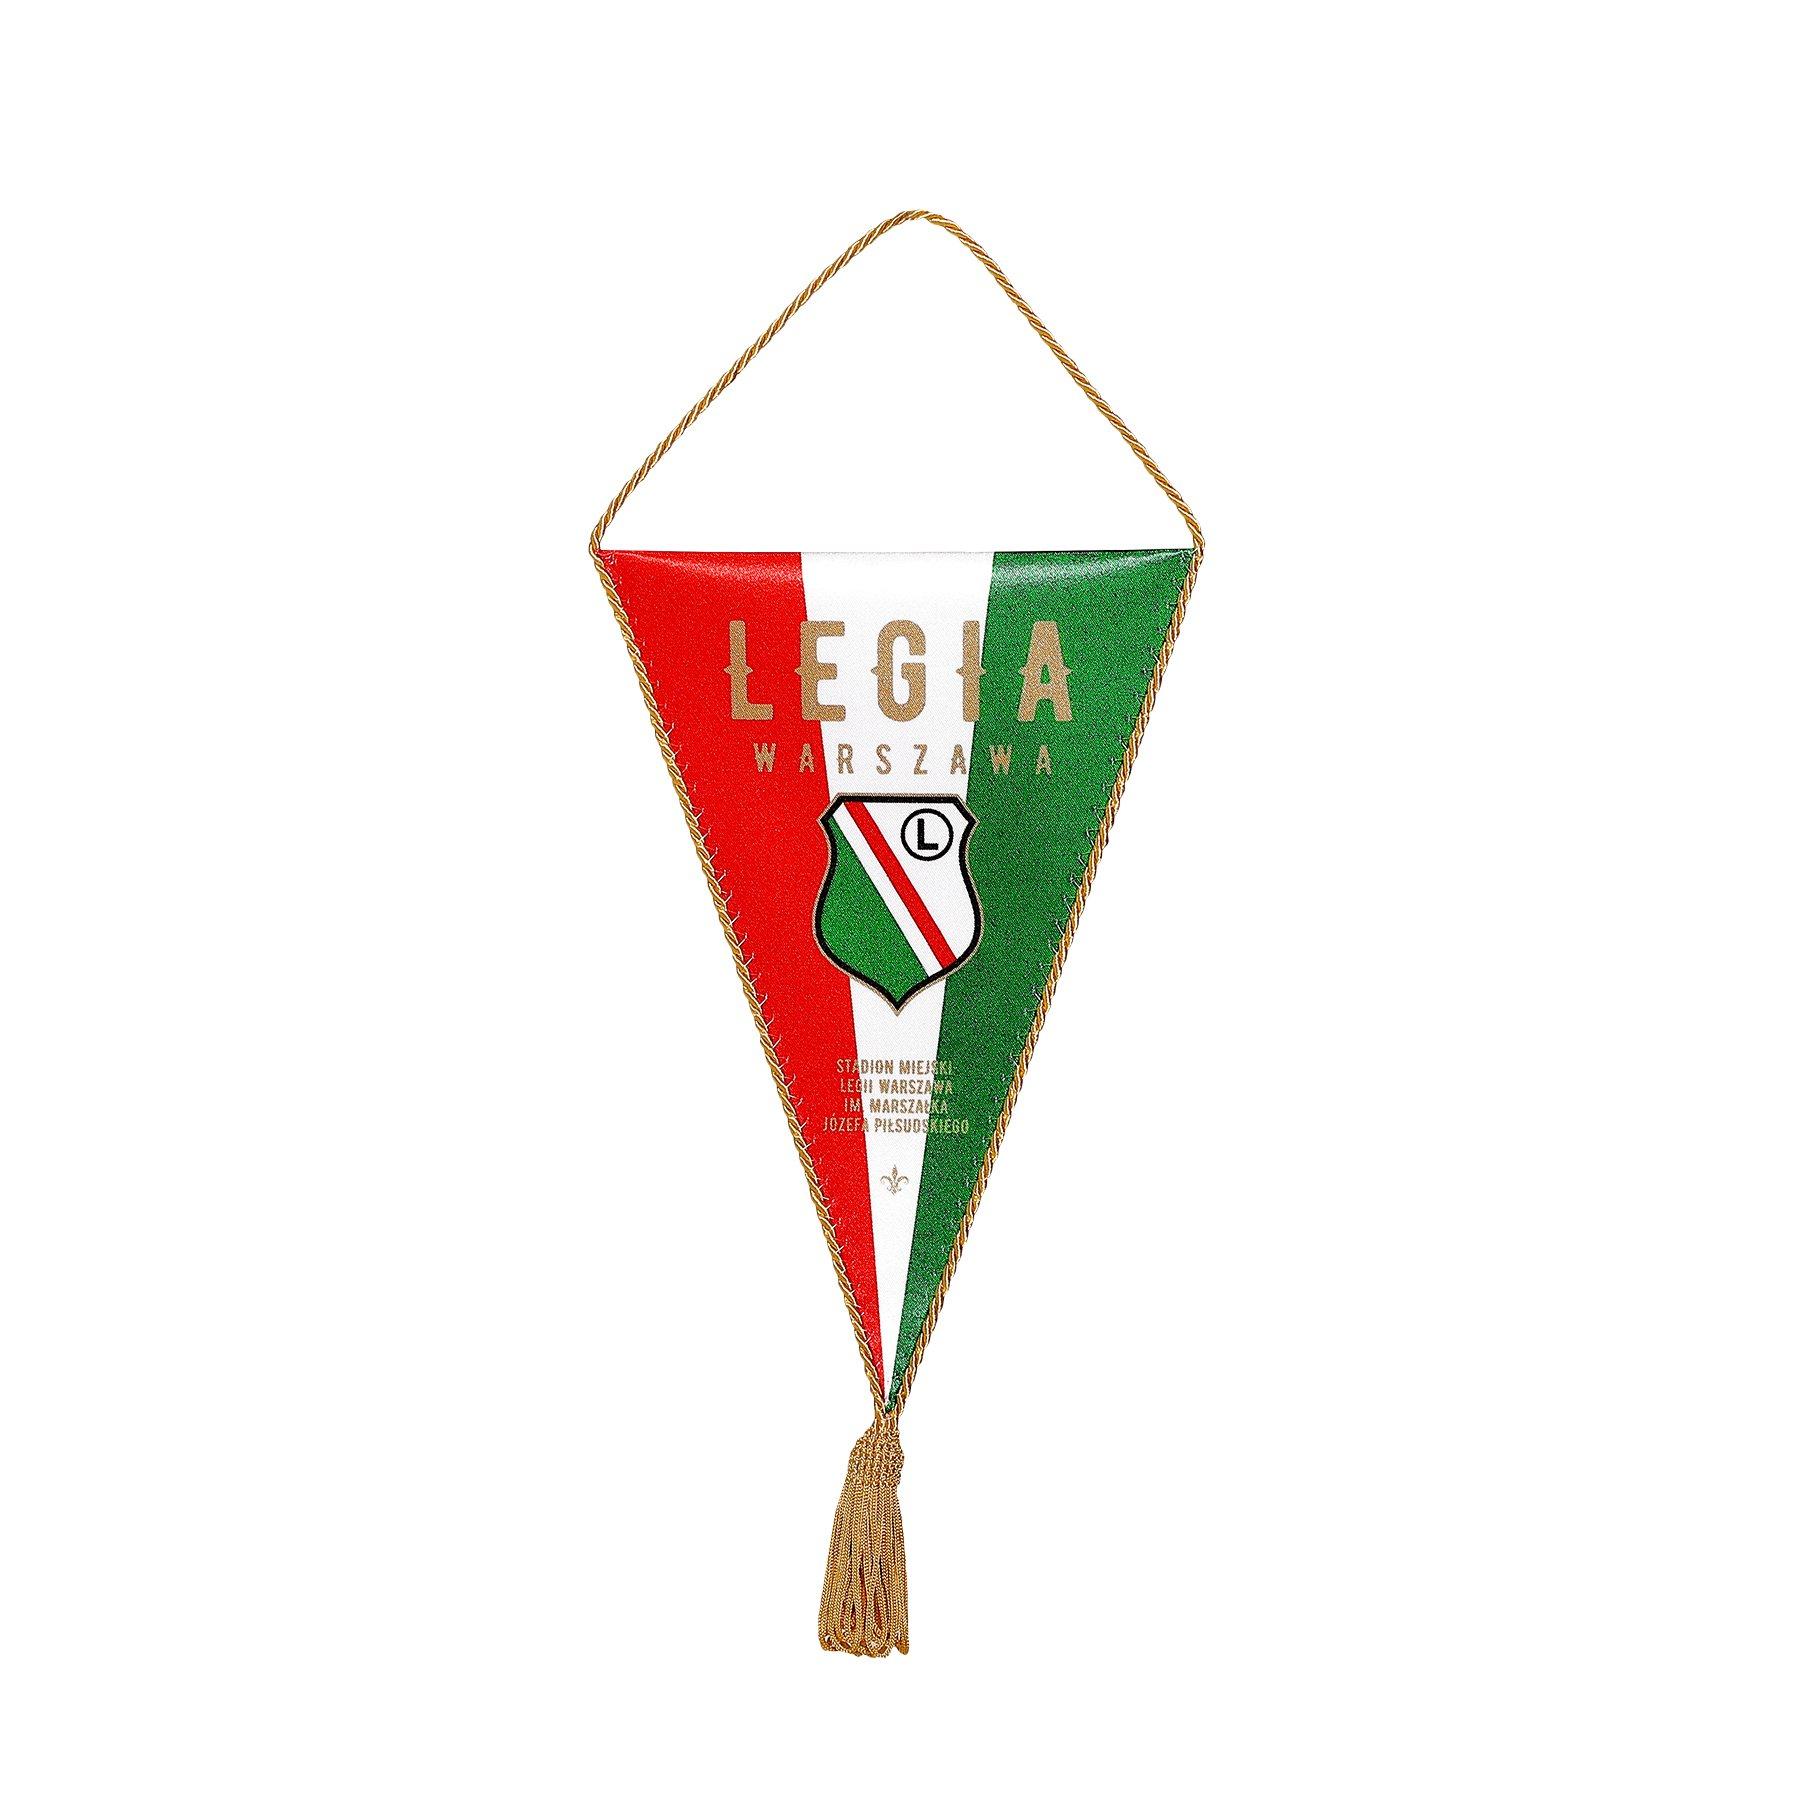 b212dda2c Akcesoria :: Meczowe :: Flagi i proporce :: Proporczyk 2018